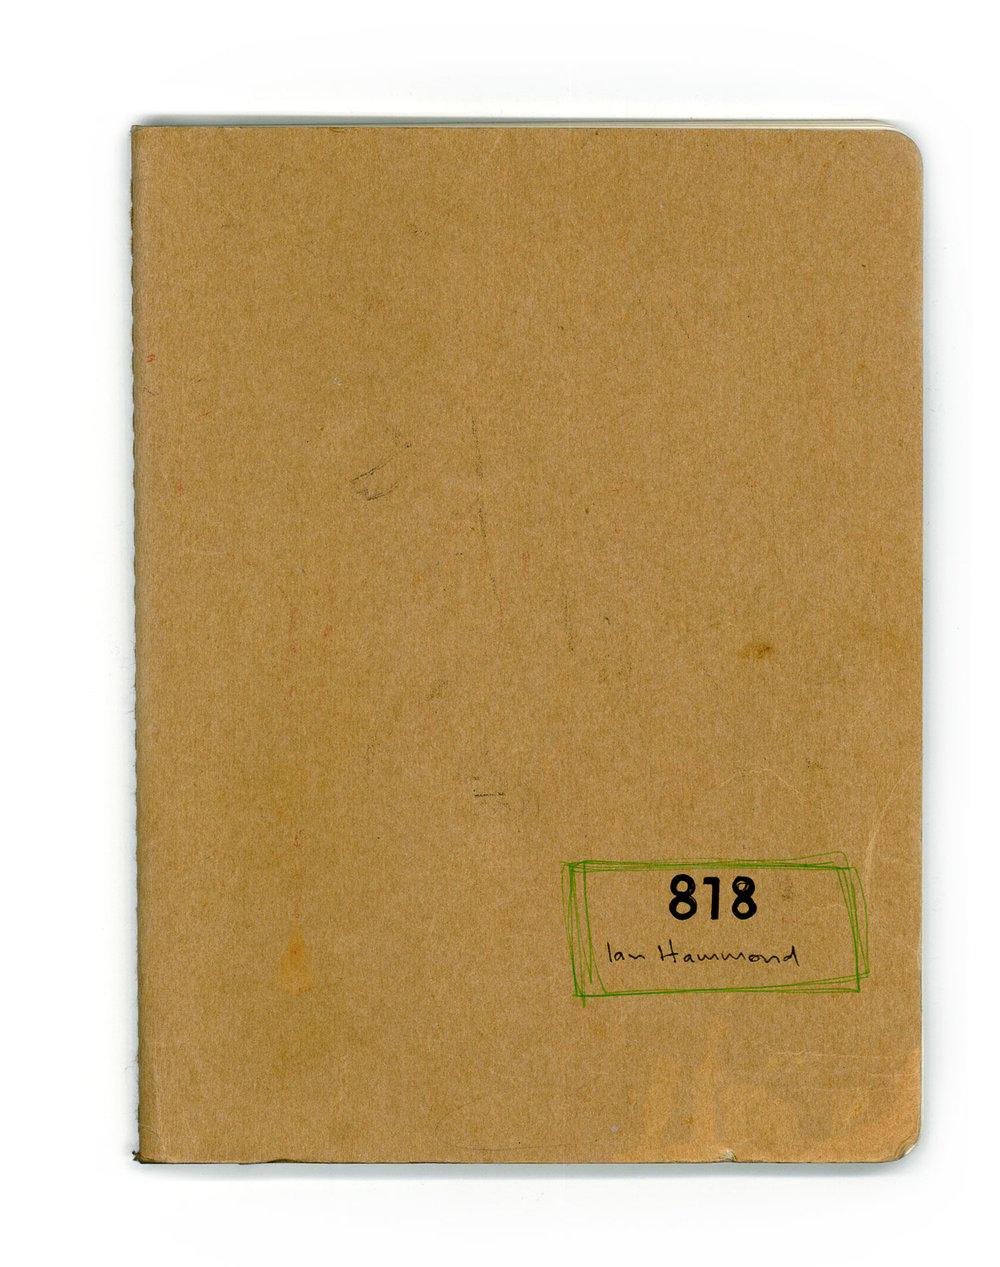 818cover.jpg